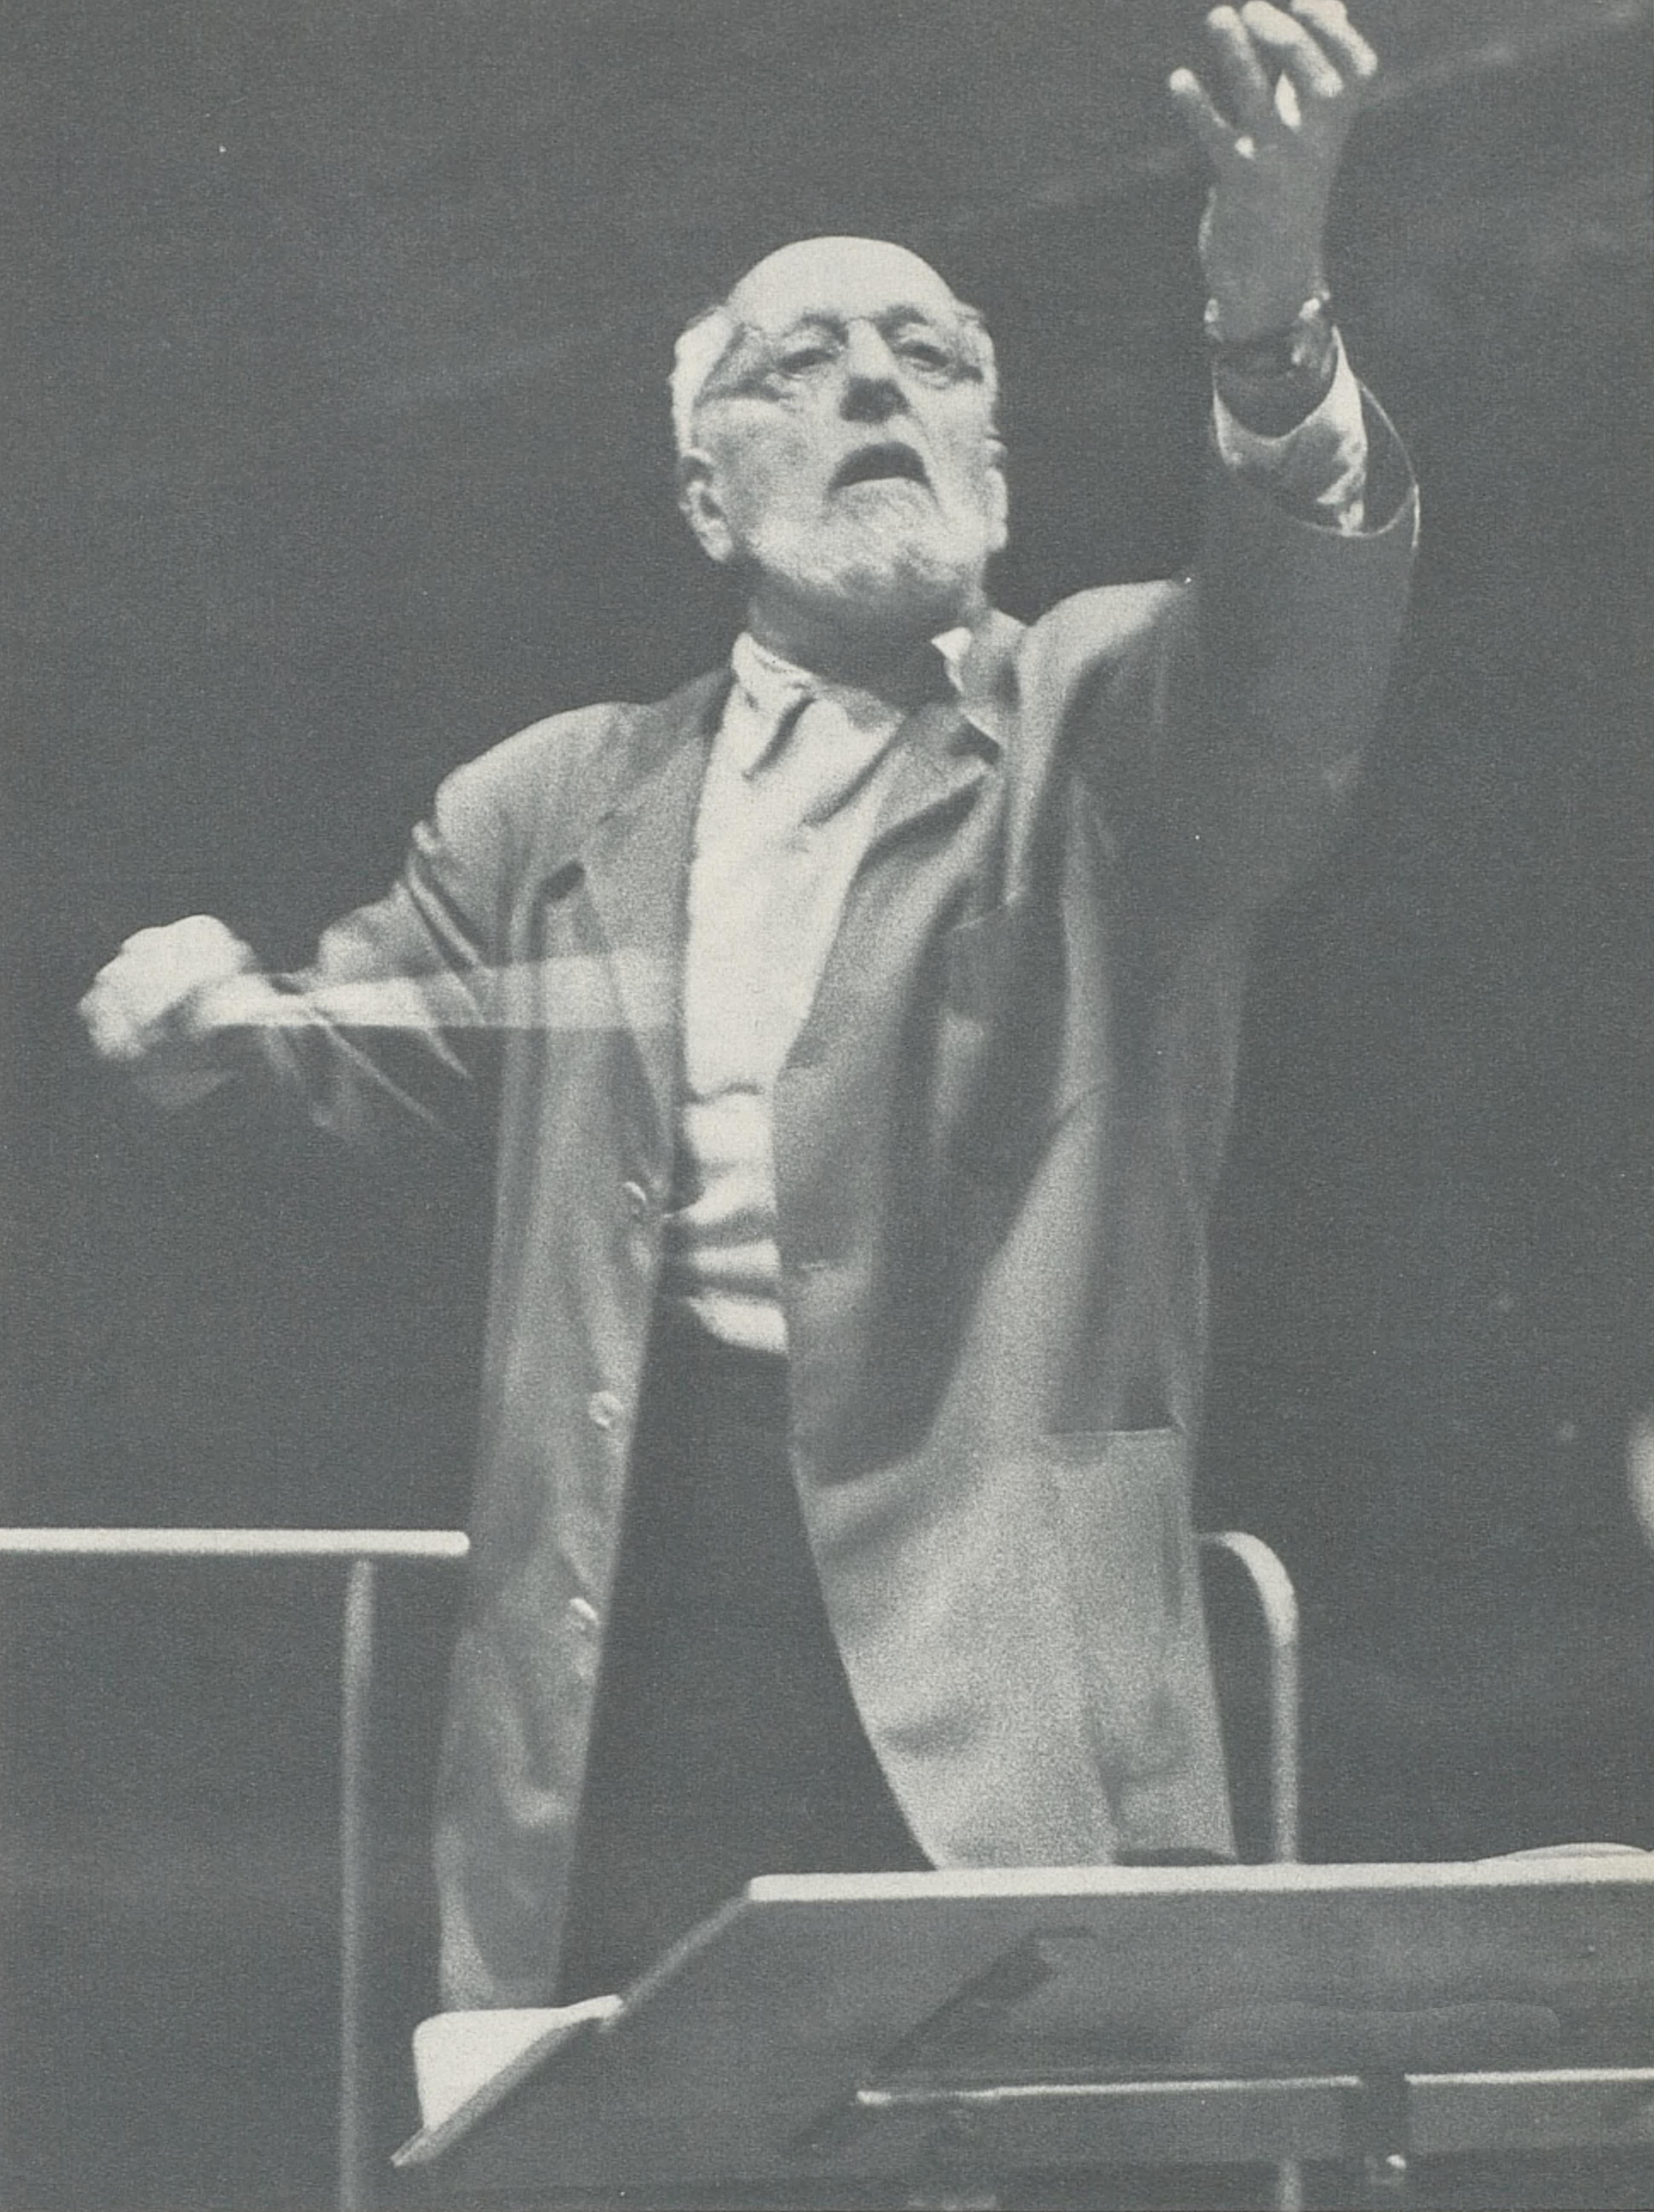 Ernest Ansermet en répétition, vers 1959, cliquer pour voir un agrandissement